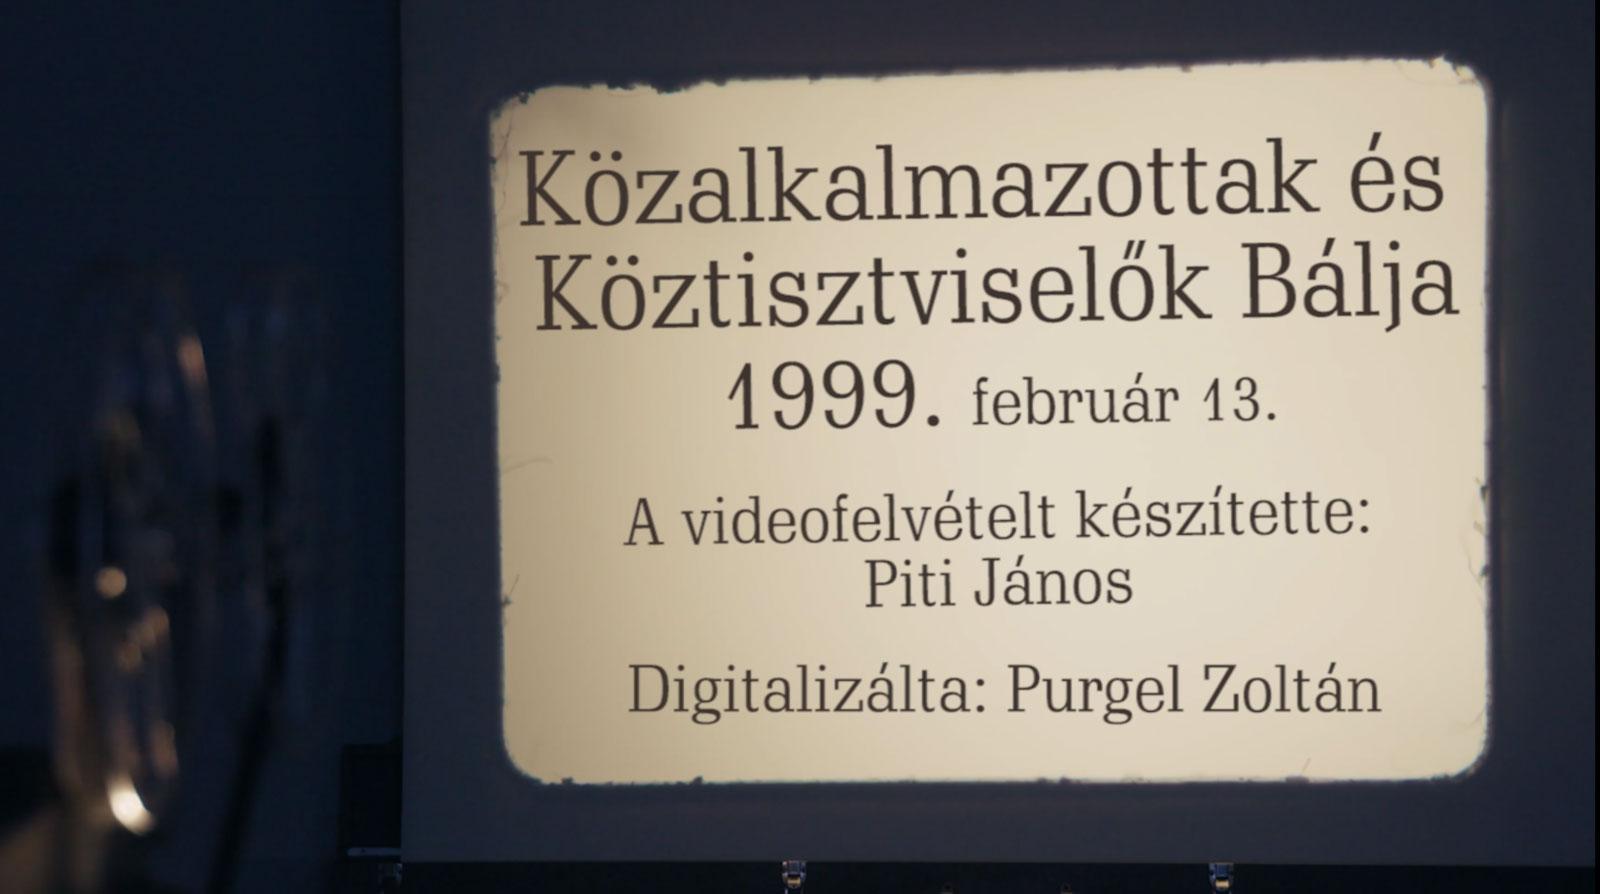 Közalkalmazottak és Köztisztviselők bálja – 1999.